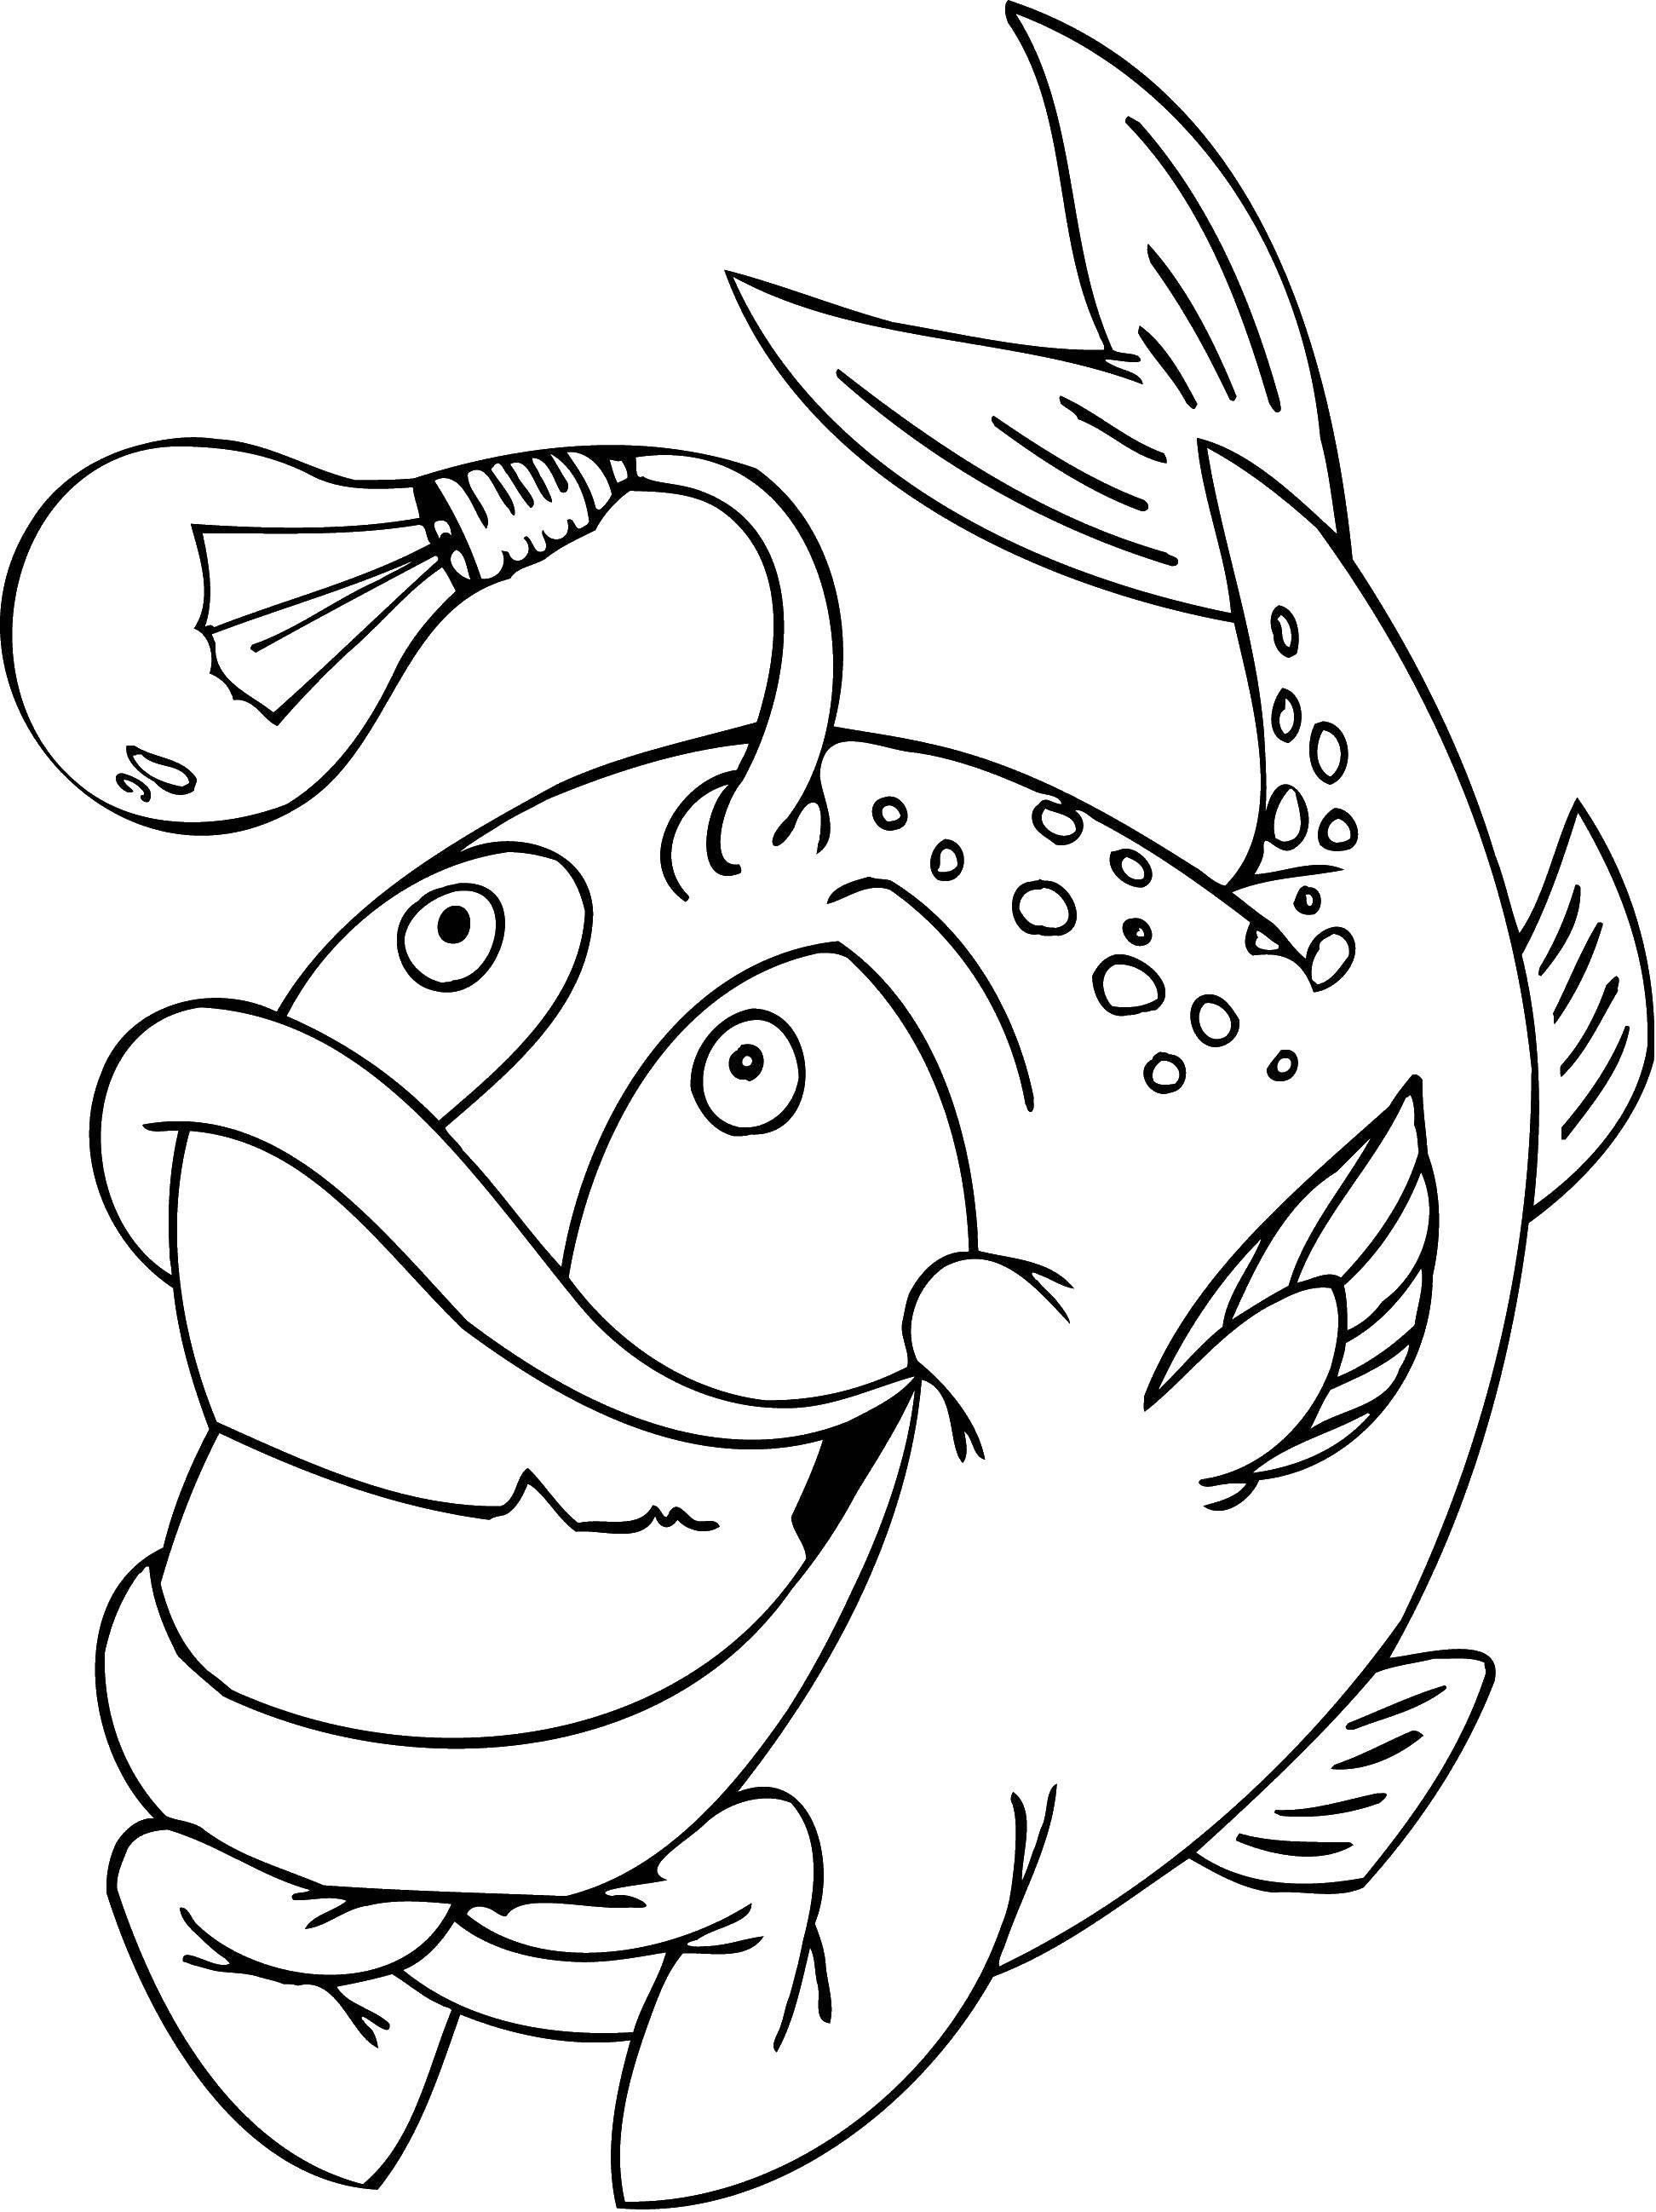 Раскраска Европейский удильщик морской чёрт с фонариком Скачать Подводный мир, рыба.  Распечатать ,морское,